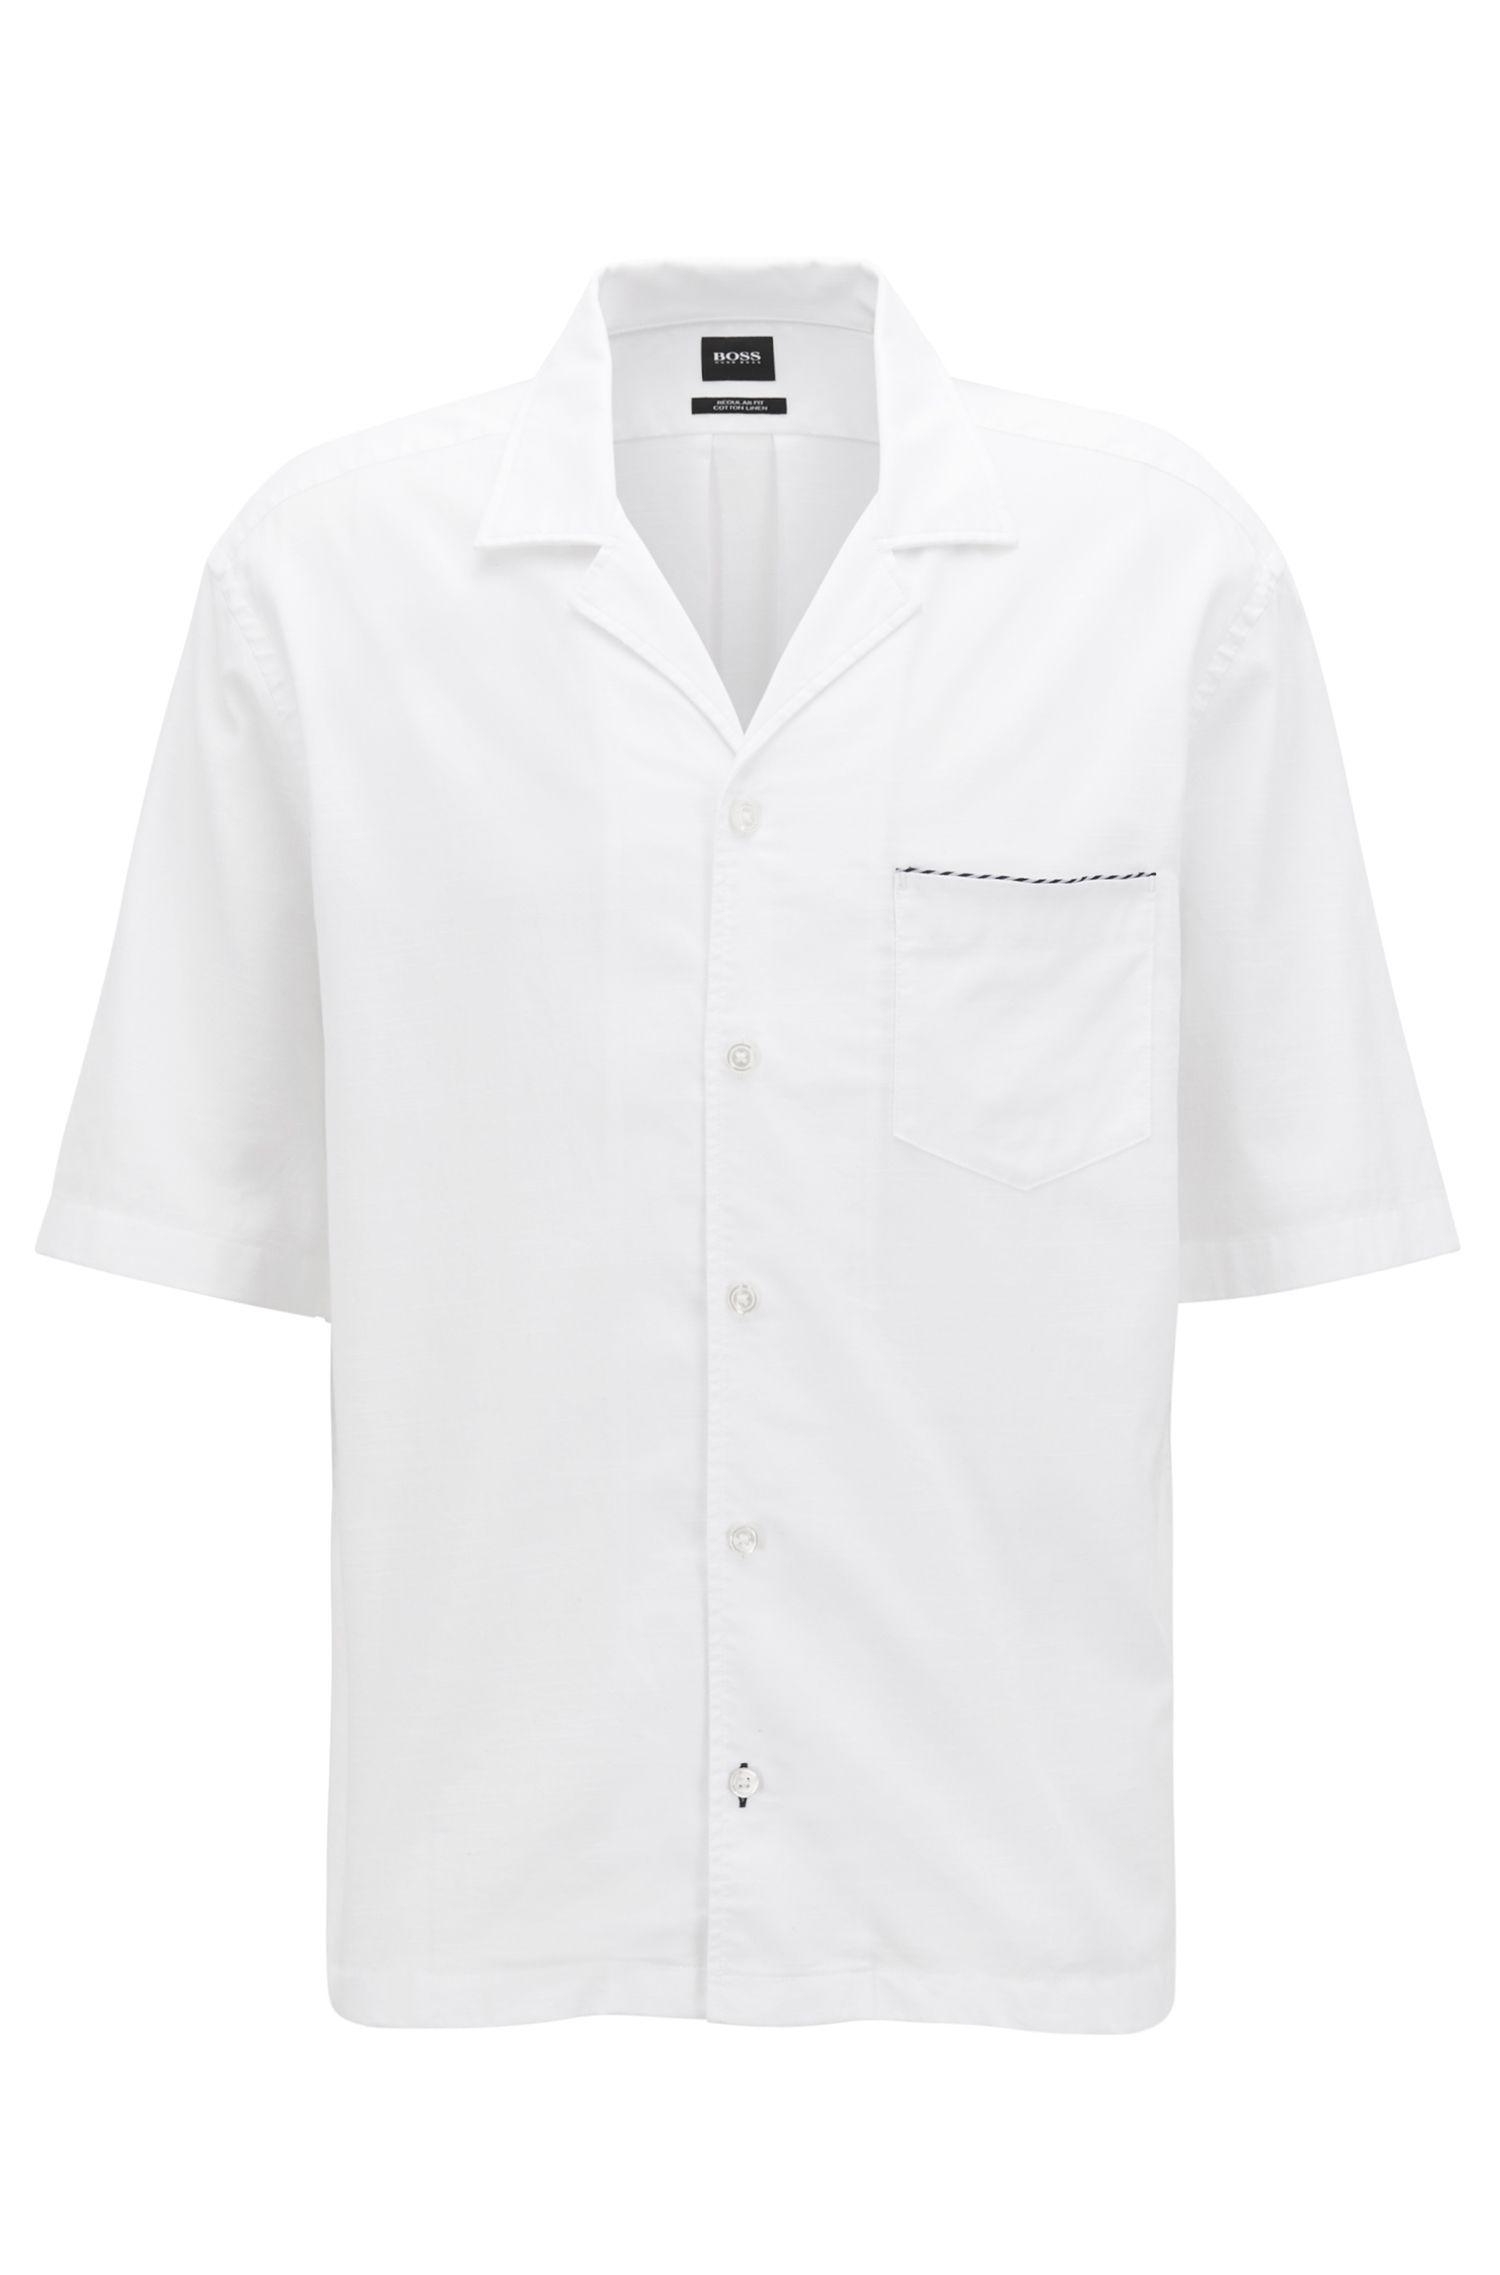 Camicia con taglio slim fit a maniche corte in misto cotone